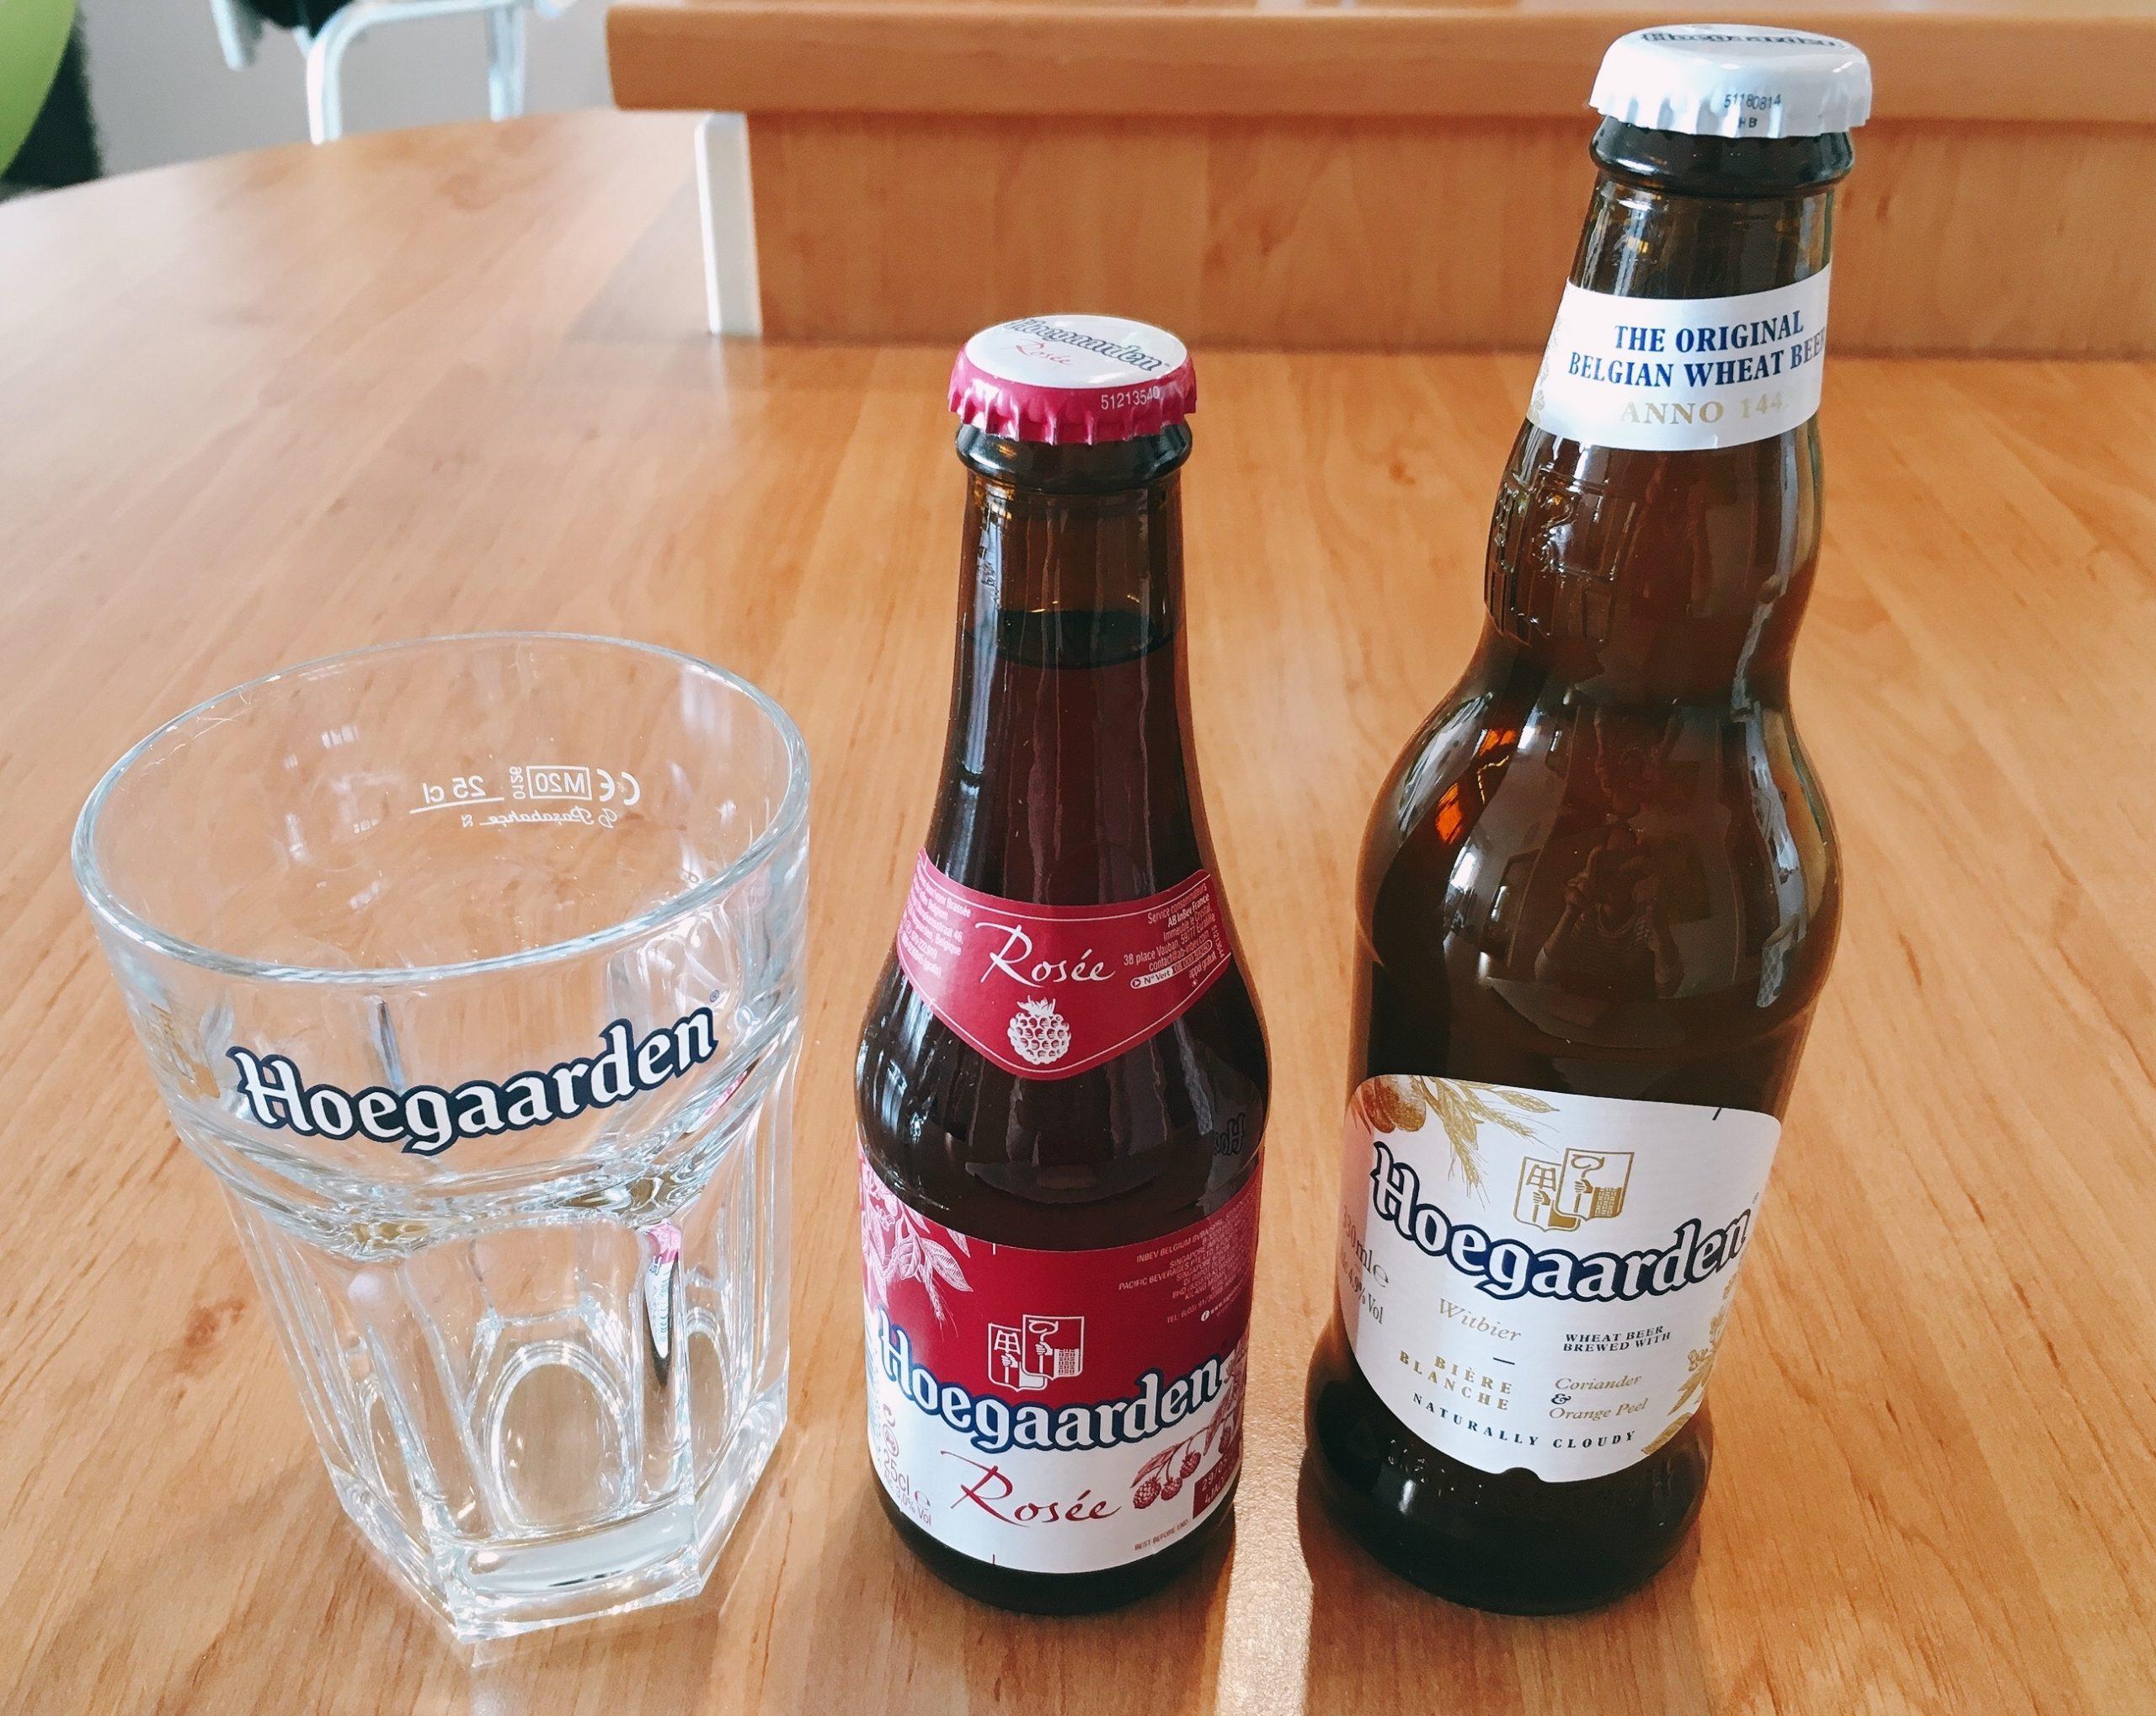 ヒューガルデン・オリジナルグラス